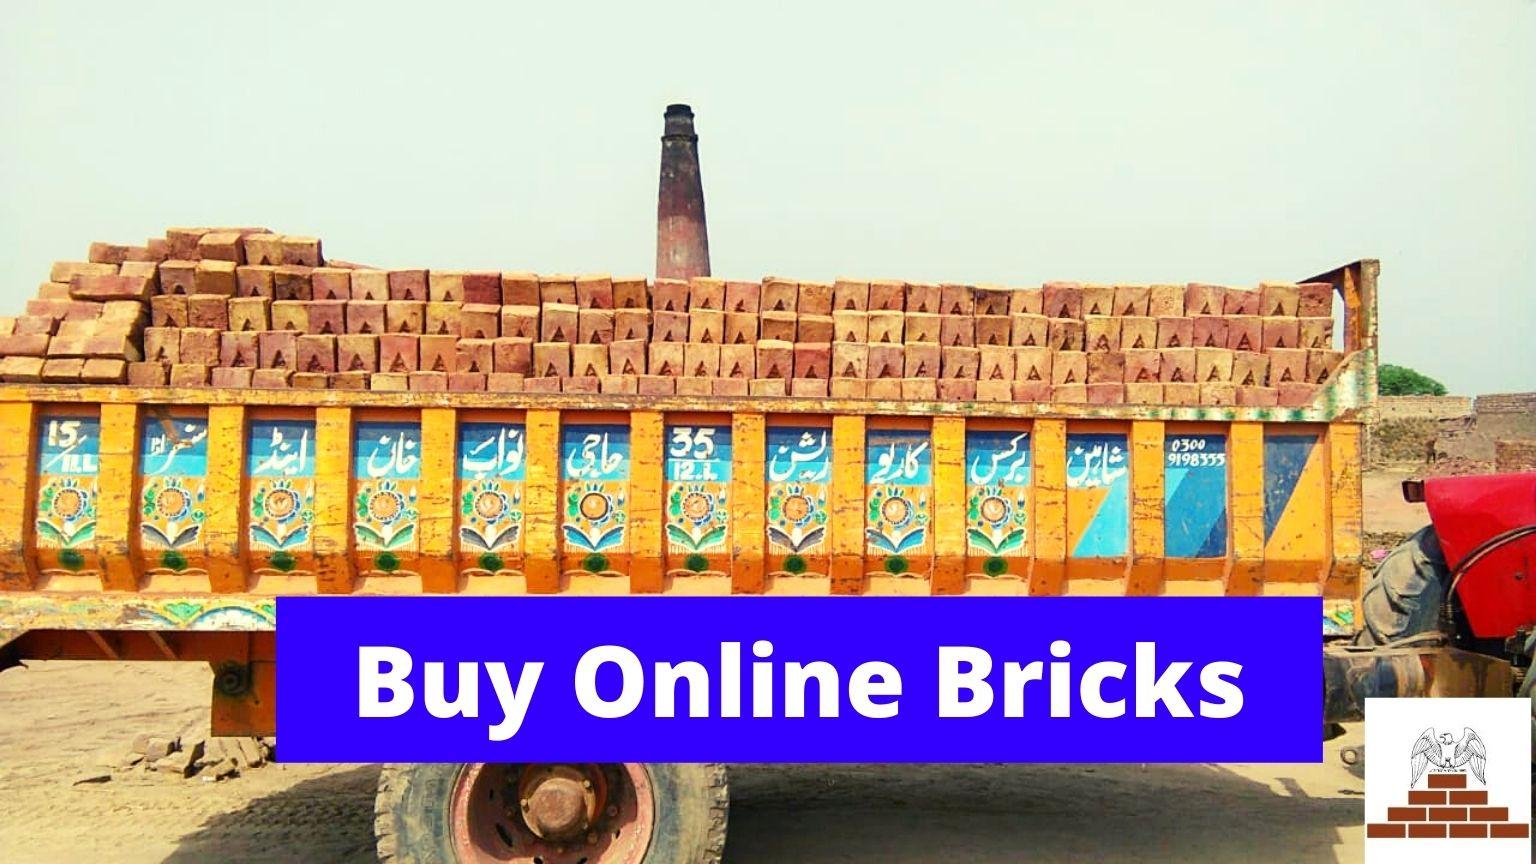 Buy Online Bricks in Pakistan